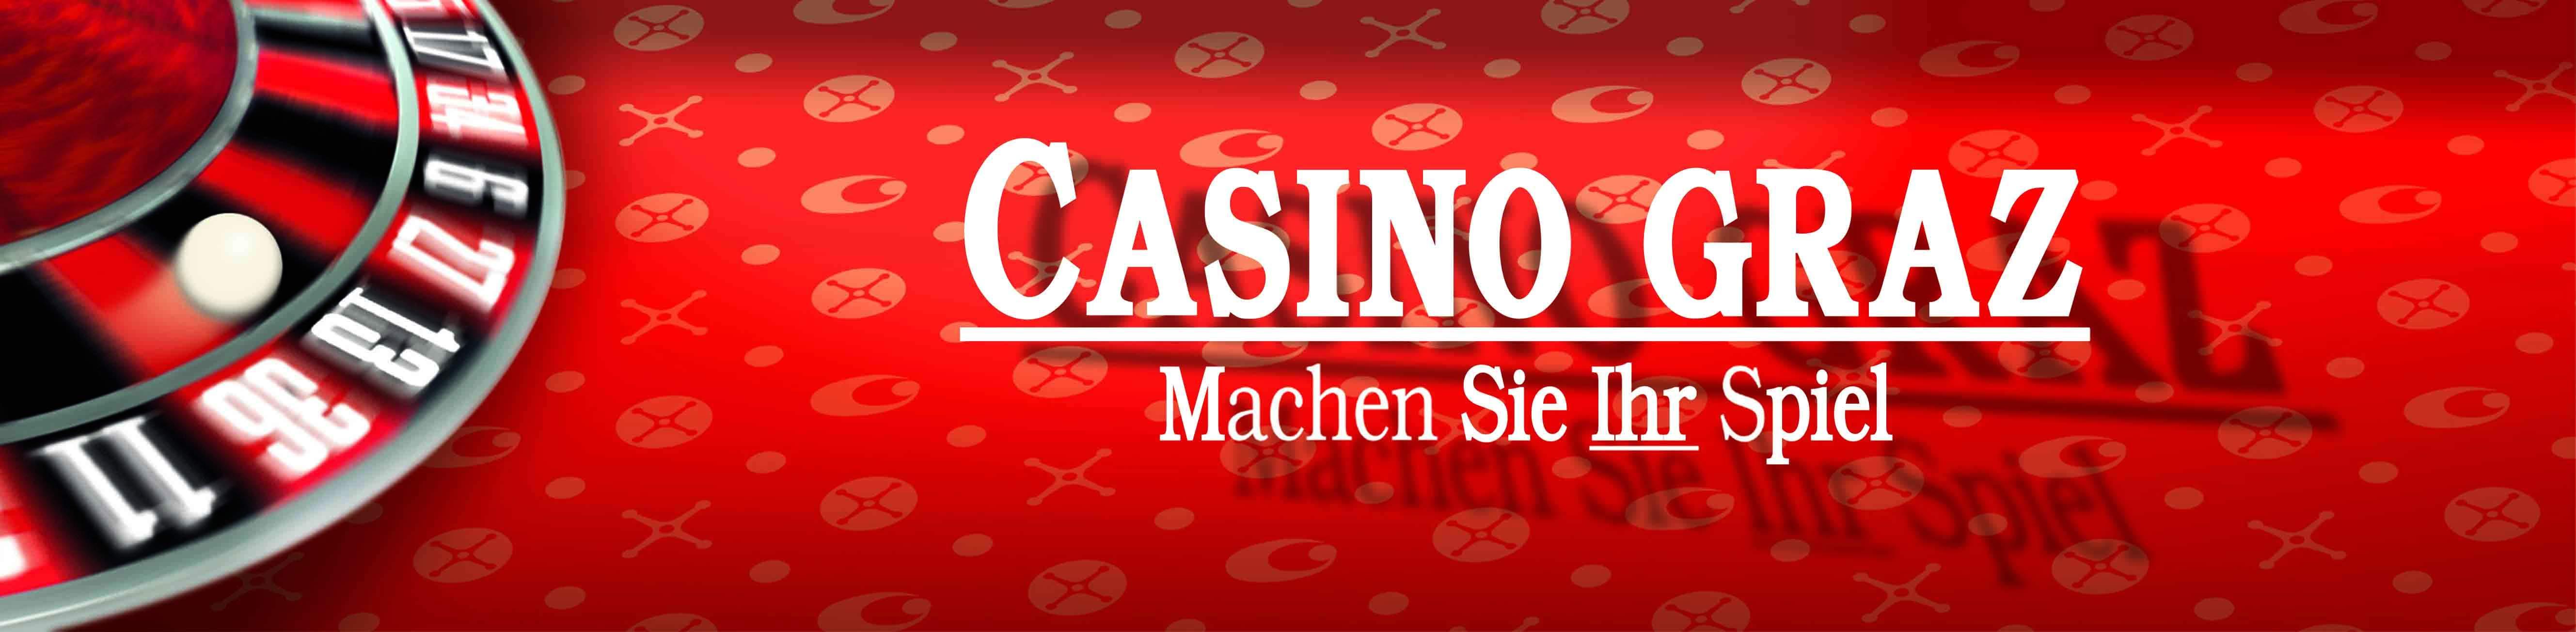 Casinos austria shop rama casino specials